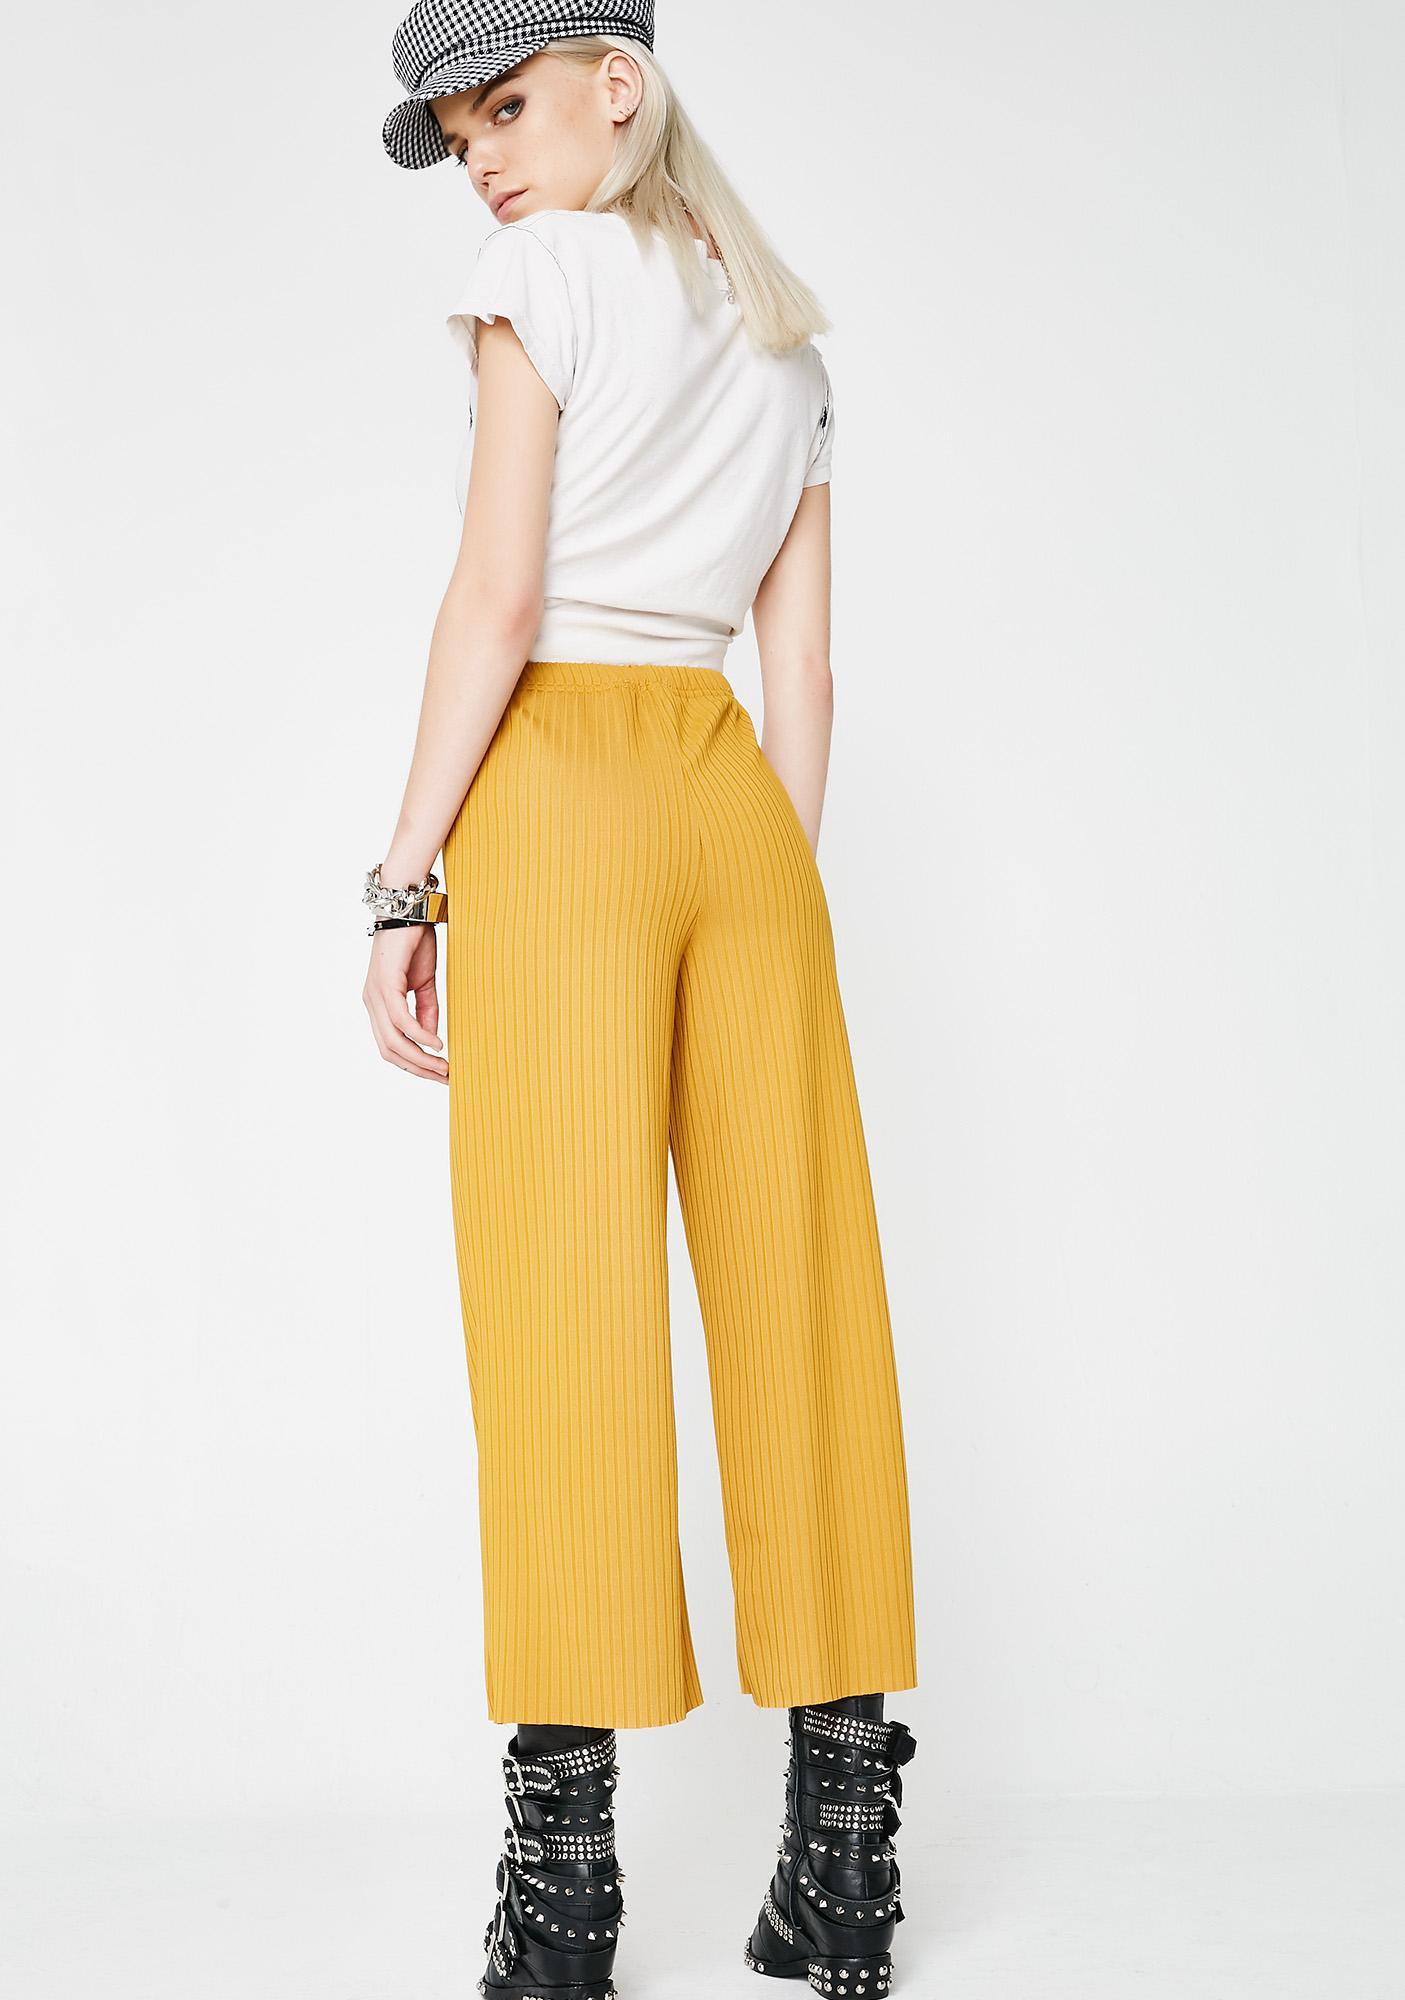 Lira Clothing Jefferson Pants